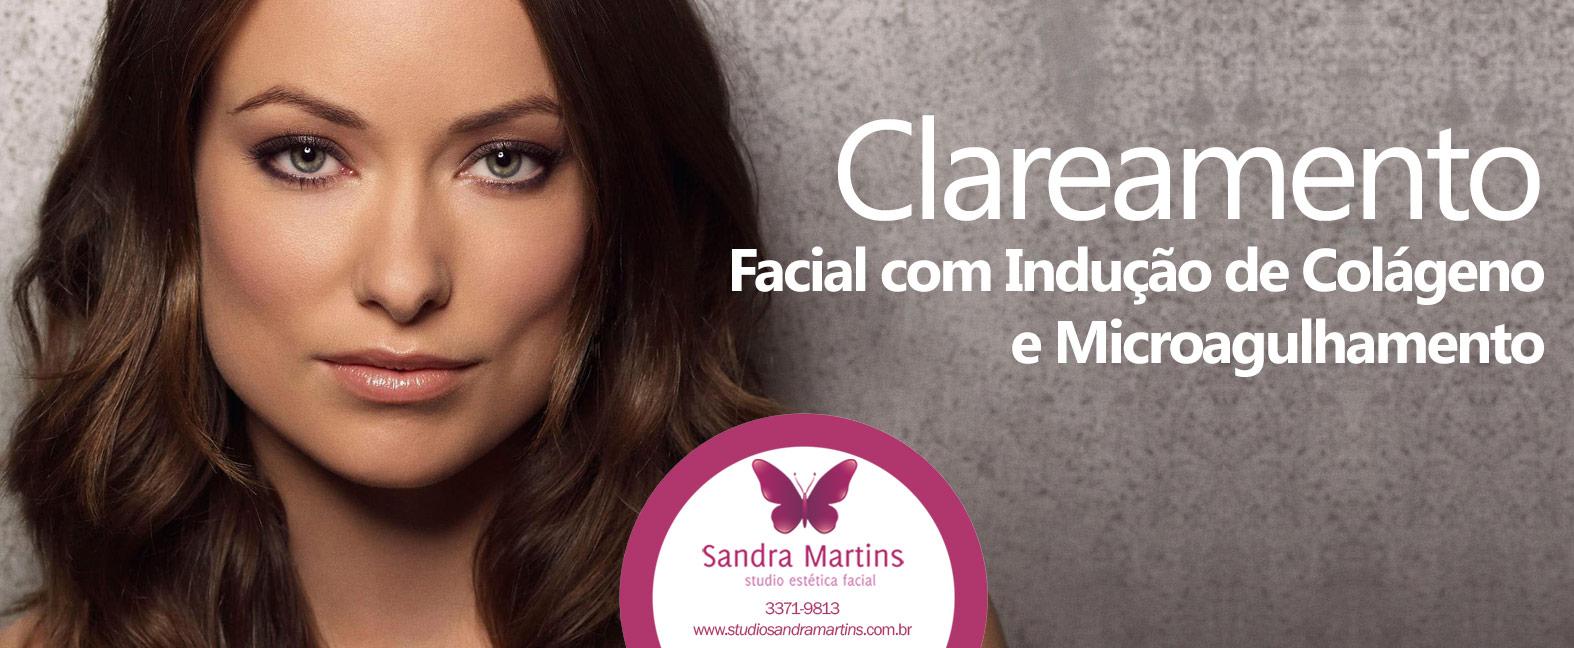 Clareamento Facial com Indução Máxima de Colágeno para Microagulhamento. Qualidade e segurança com o uso de produtos estéreis para o máximo clareamento facial cutâneo